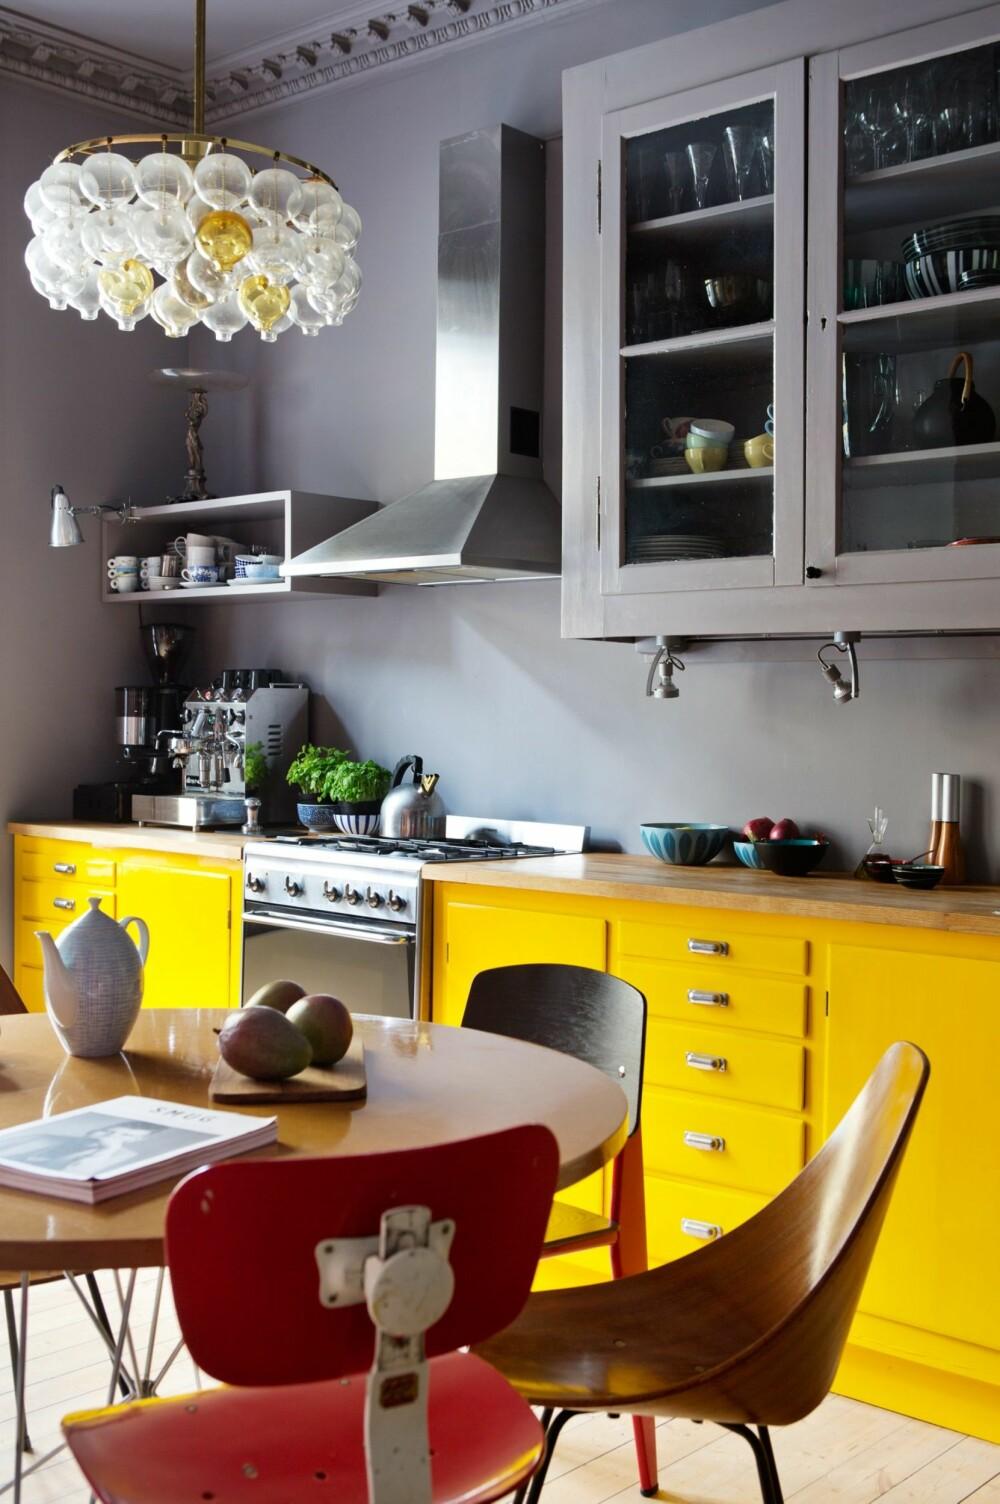 ULIKE SITTEMØBLER: Designstolene er kjøpt ulike steder. Den røde er SE68 av Egon Eiermann for Wilde + Spieth (1951). Lampen er kjøpt i en antikvitetsbutikk.